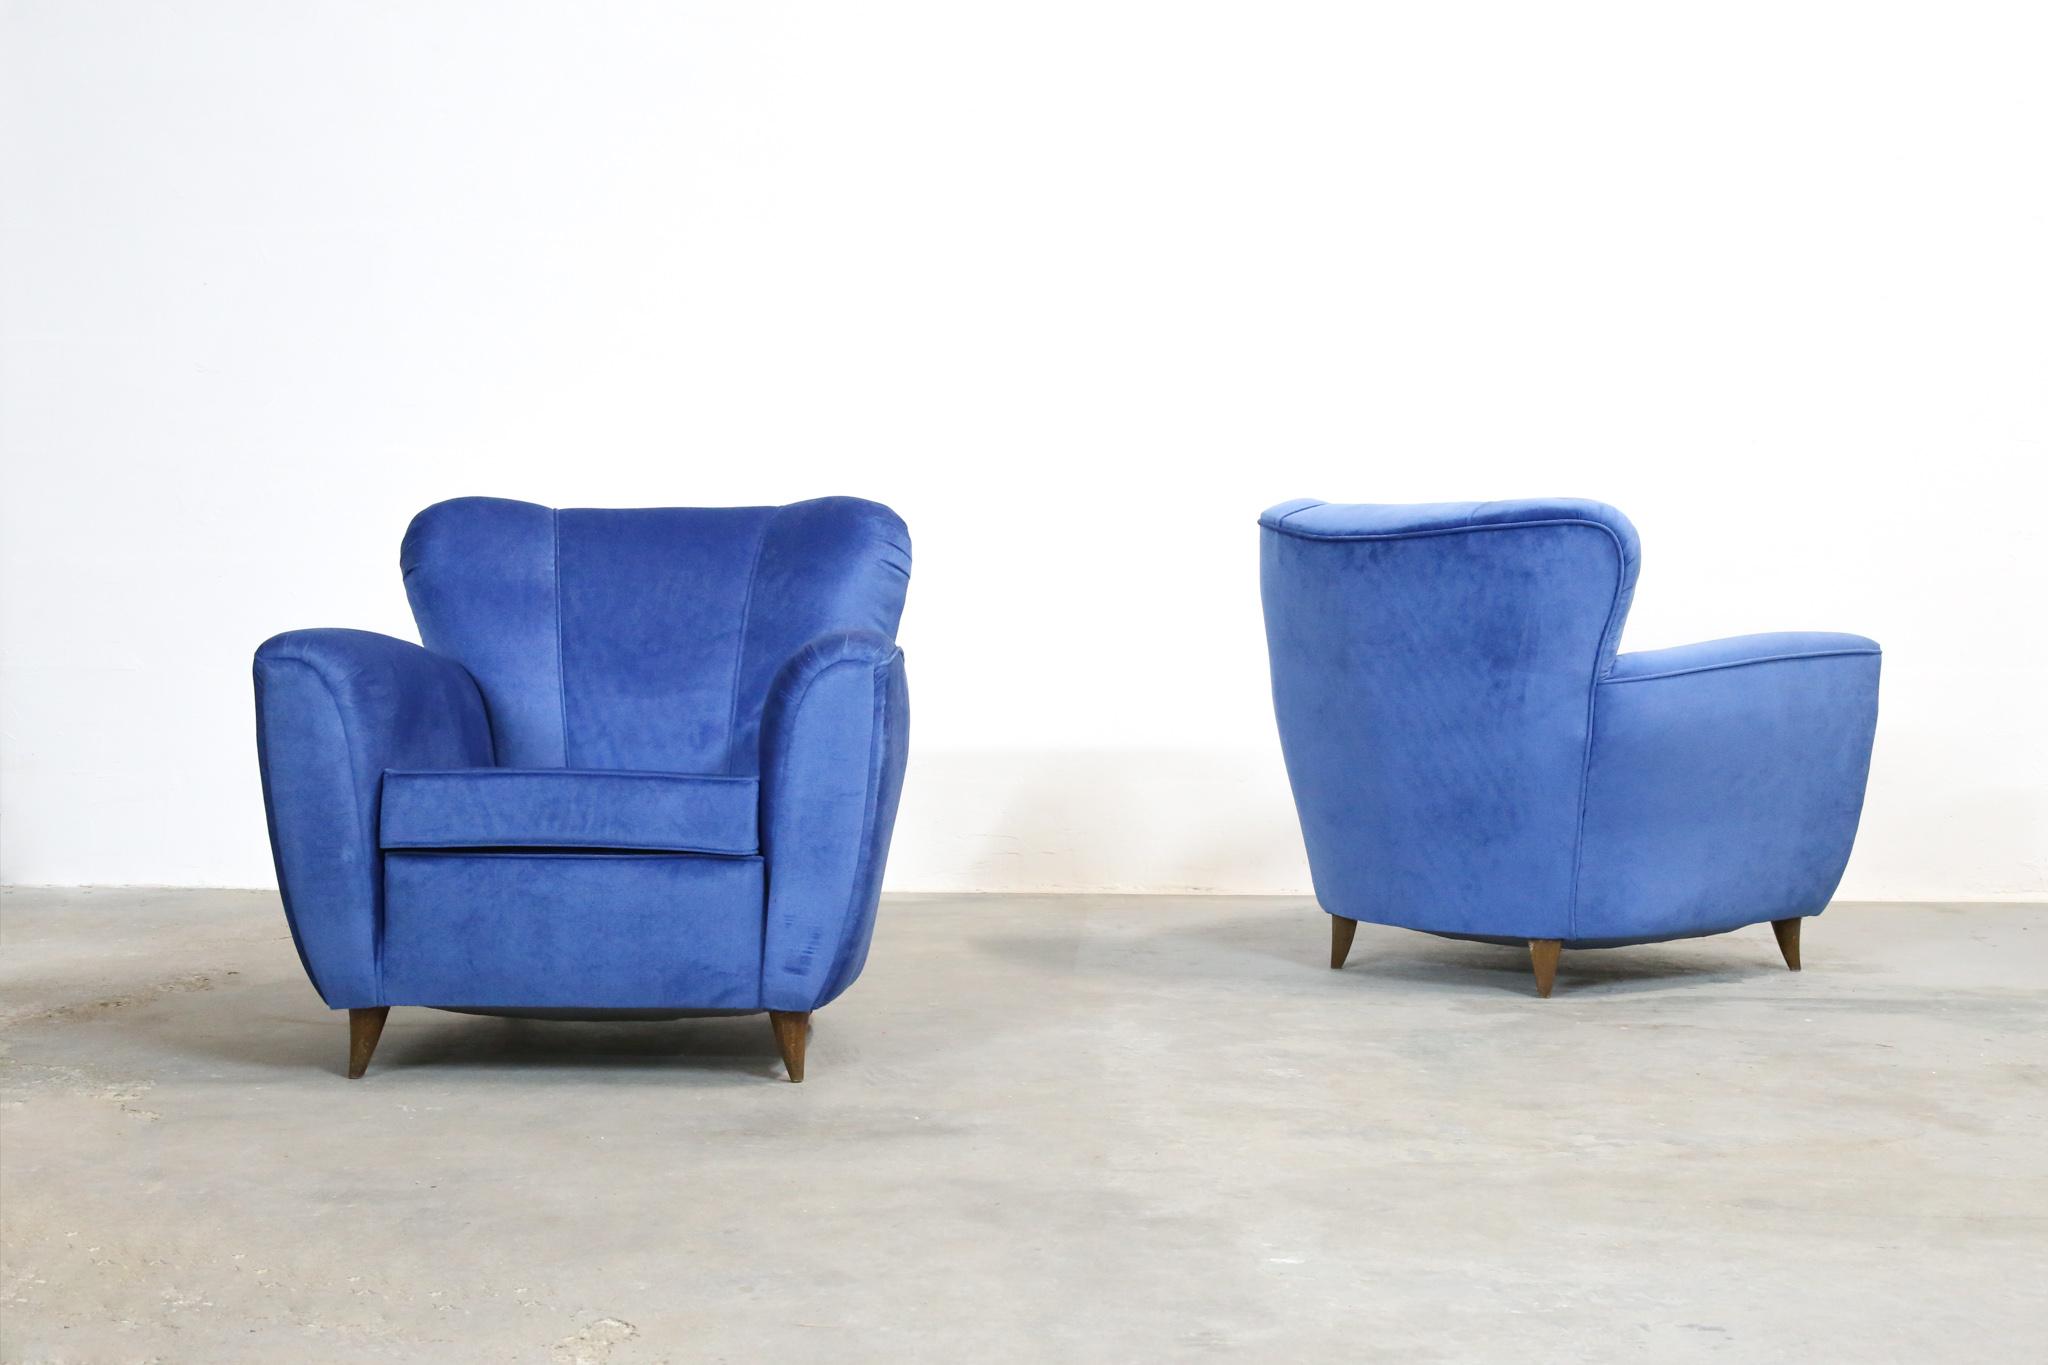 60 Style Paire De Danke Des – Galerie Ponti Fauteuils Italien Années Gio 4AjL5Rq3